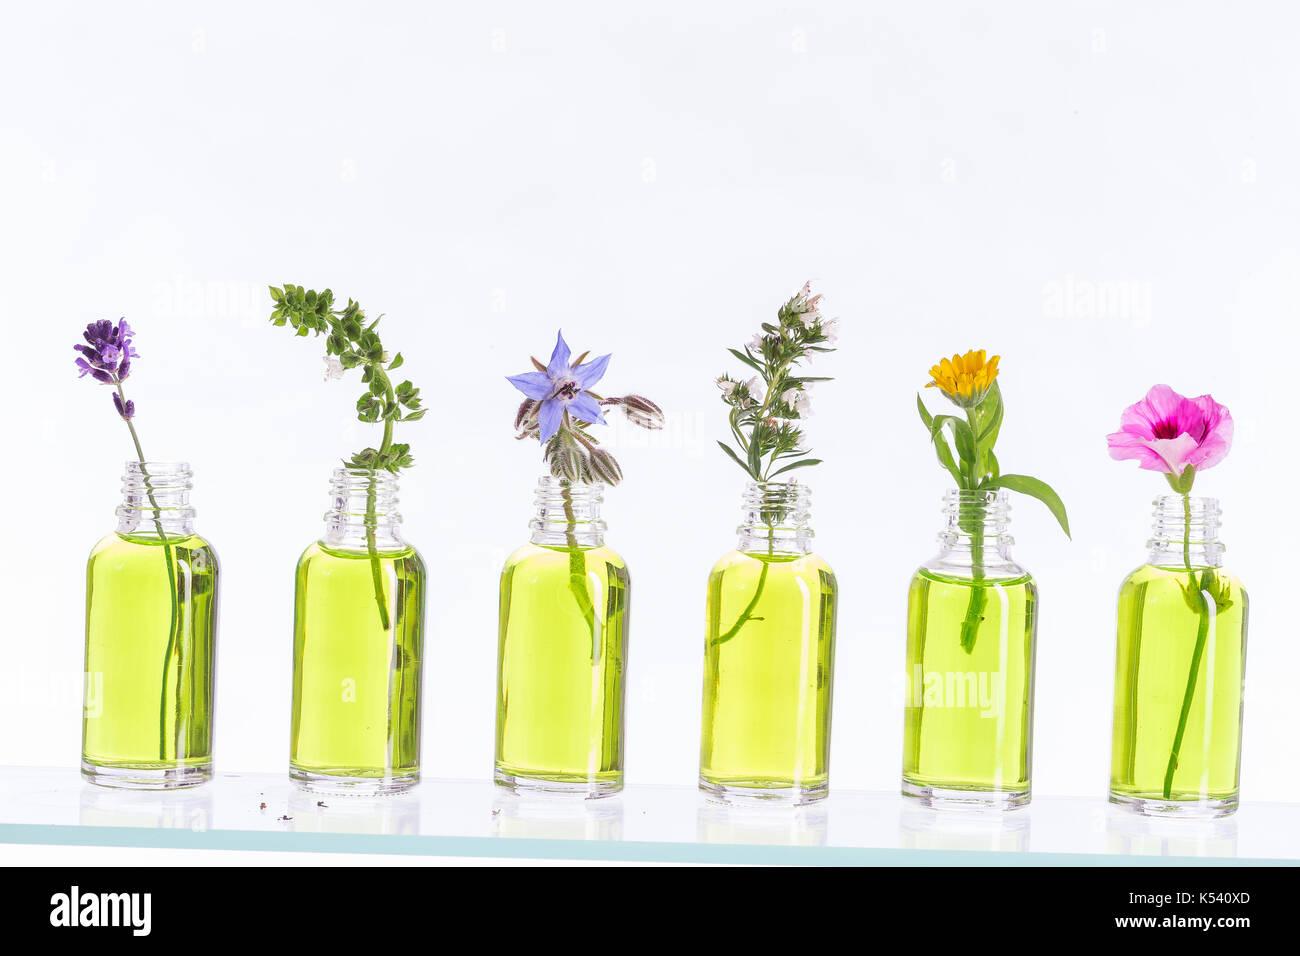 Bottiglia Di Olio Essenziale Con Erbe H Mint Impostato Su Sfondo